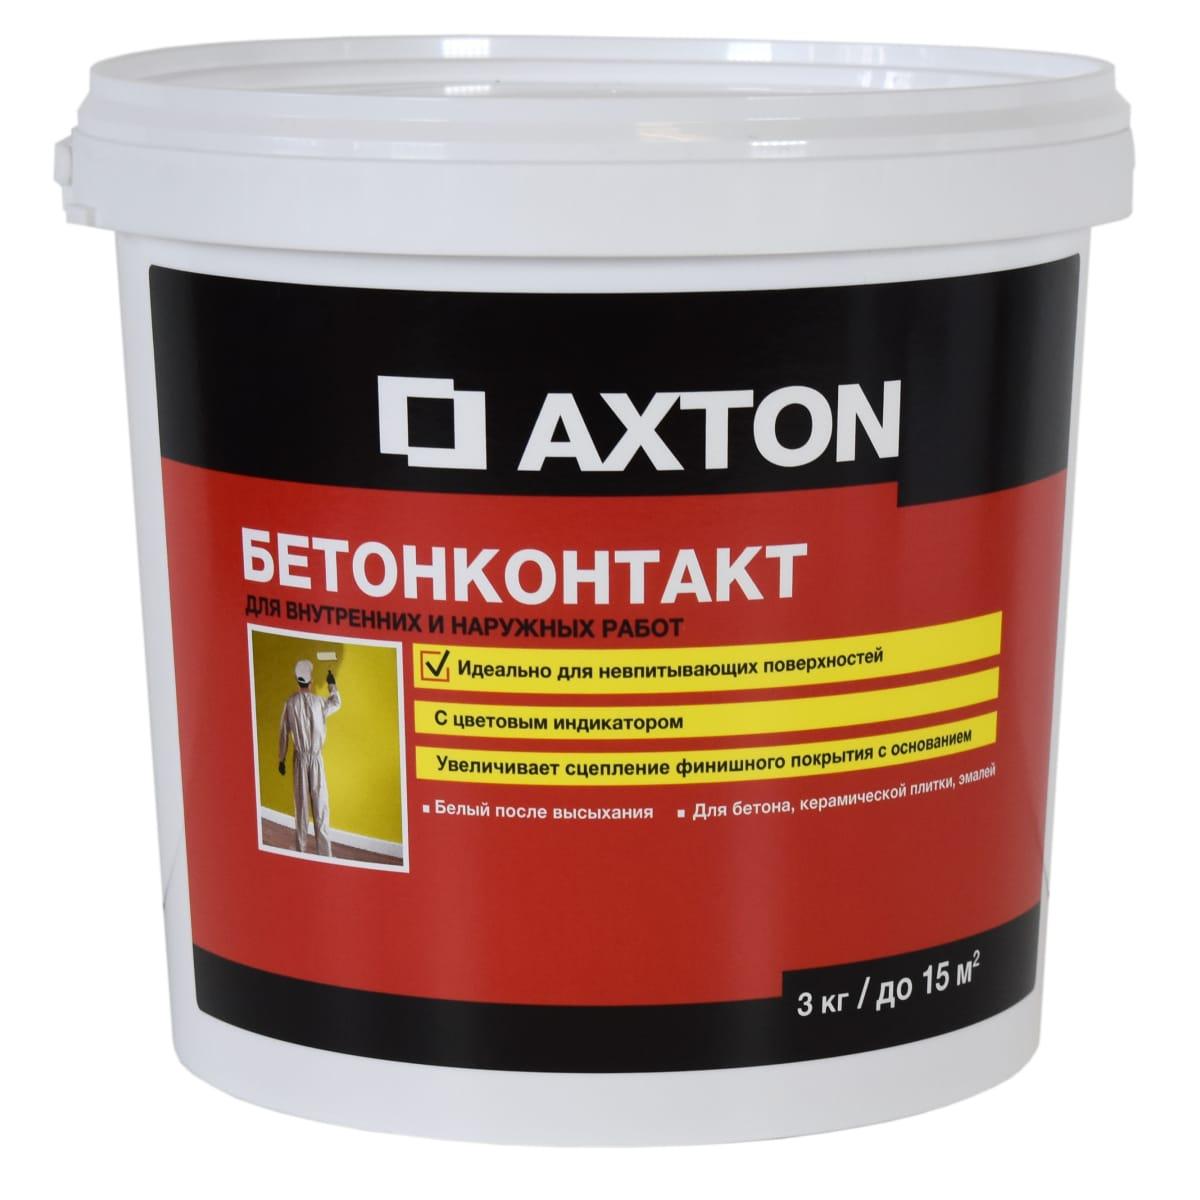 Купить бетон контакт в леруа мерлен протравка цементной штукатурки каким раствором